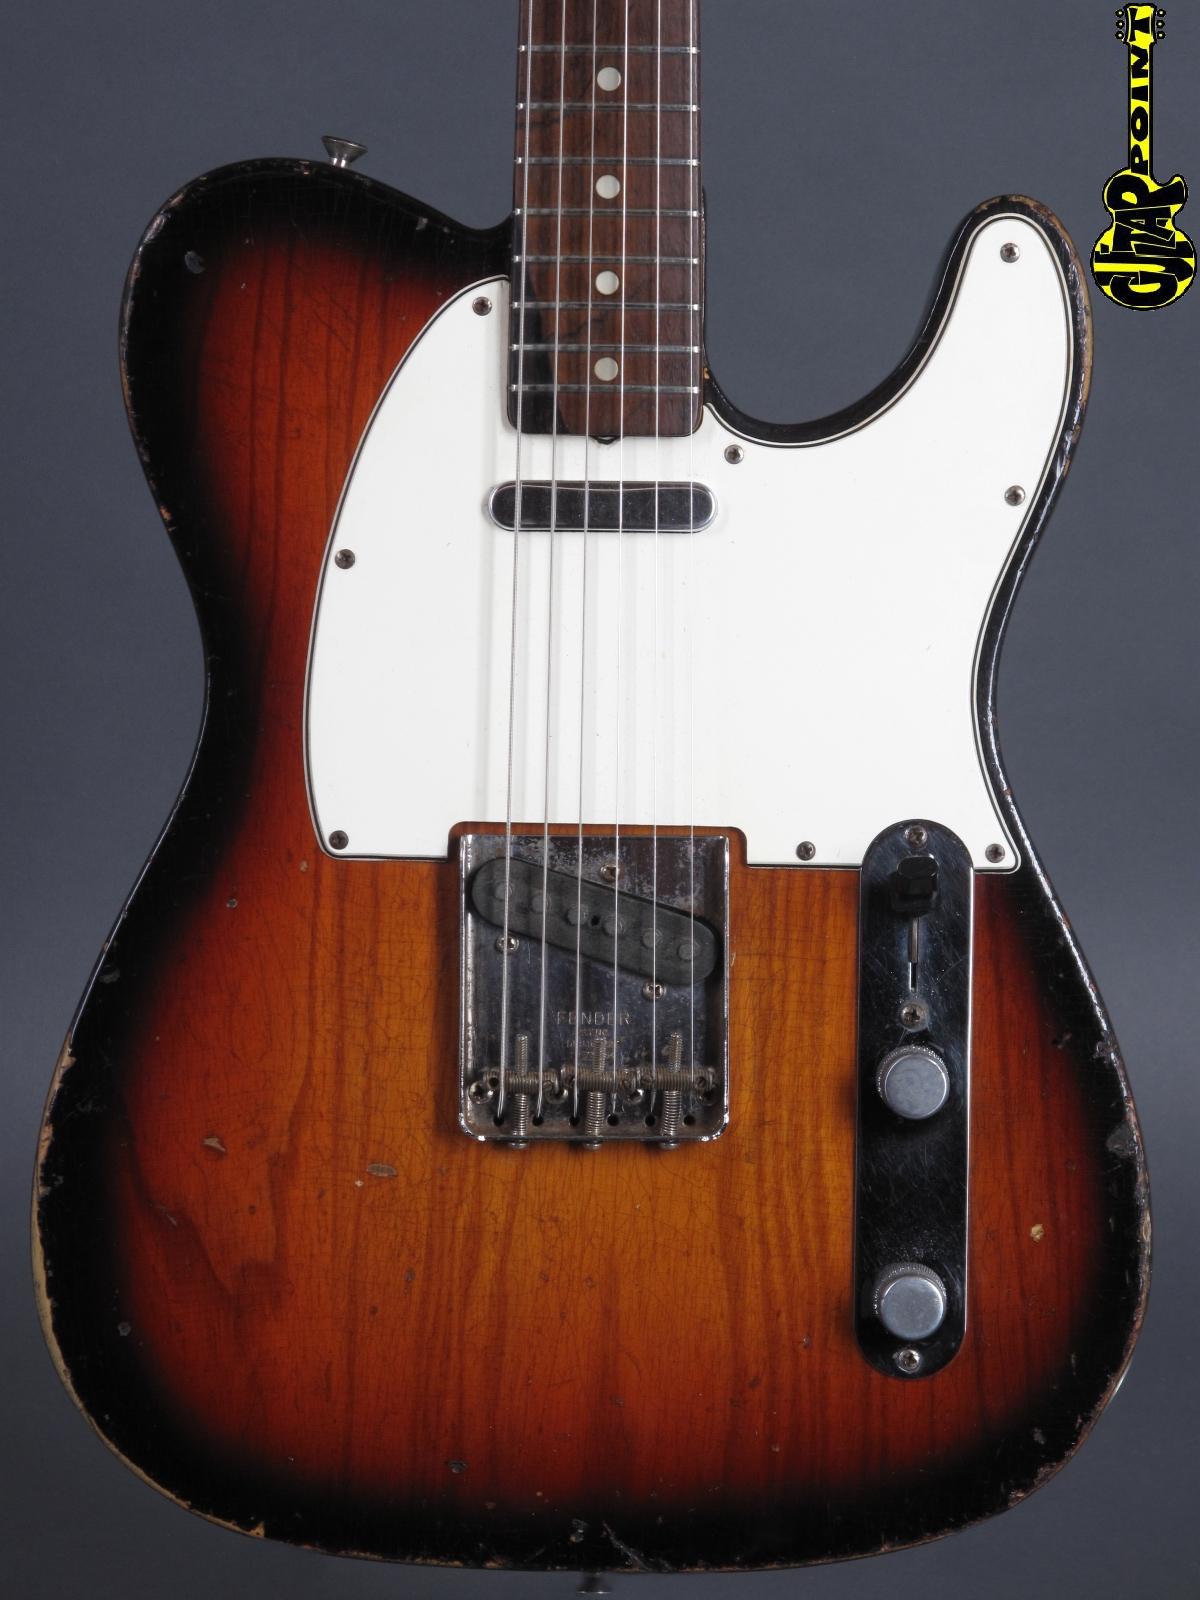 1965 Fender Telecaster - 3-tone Sunburst     ...lightweight!